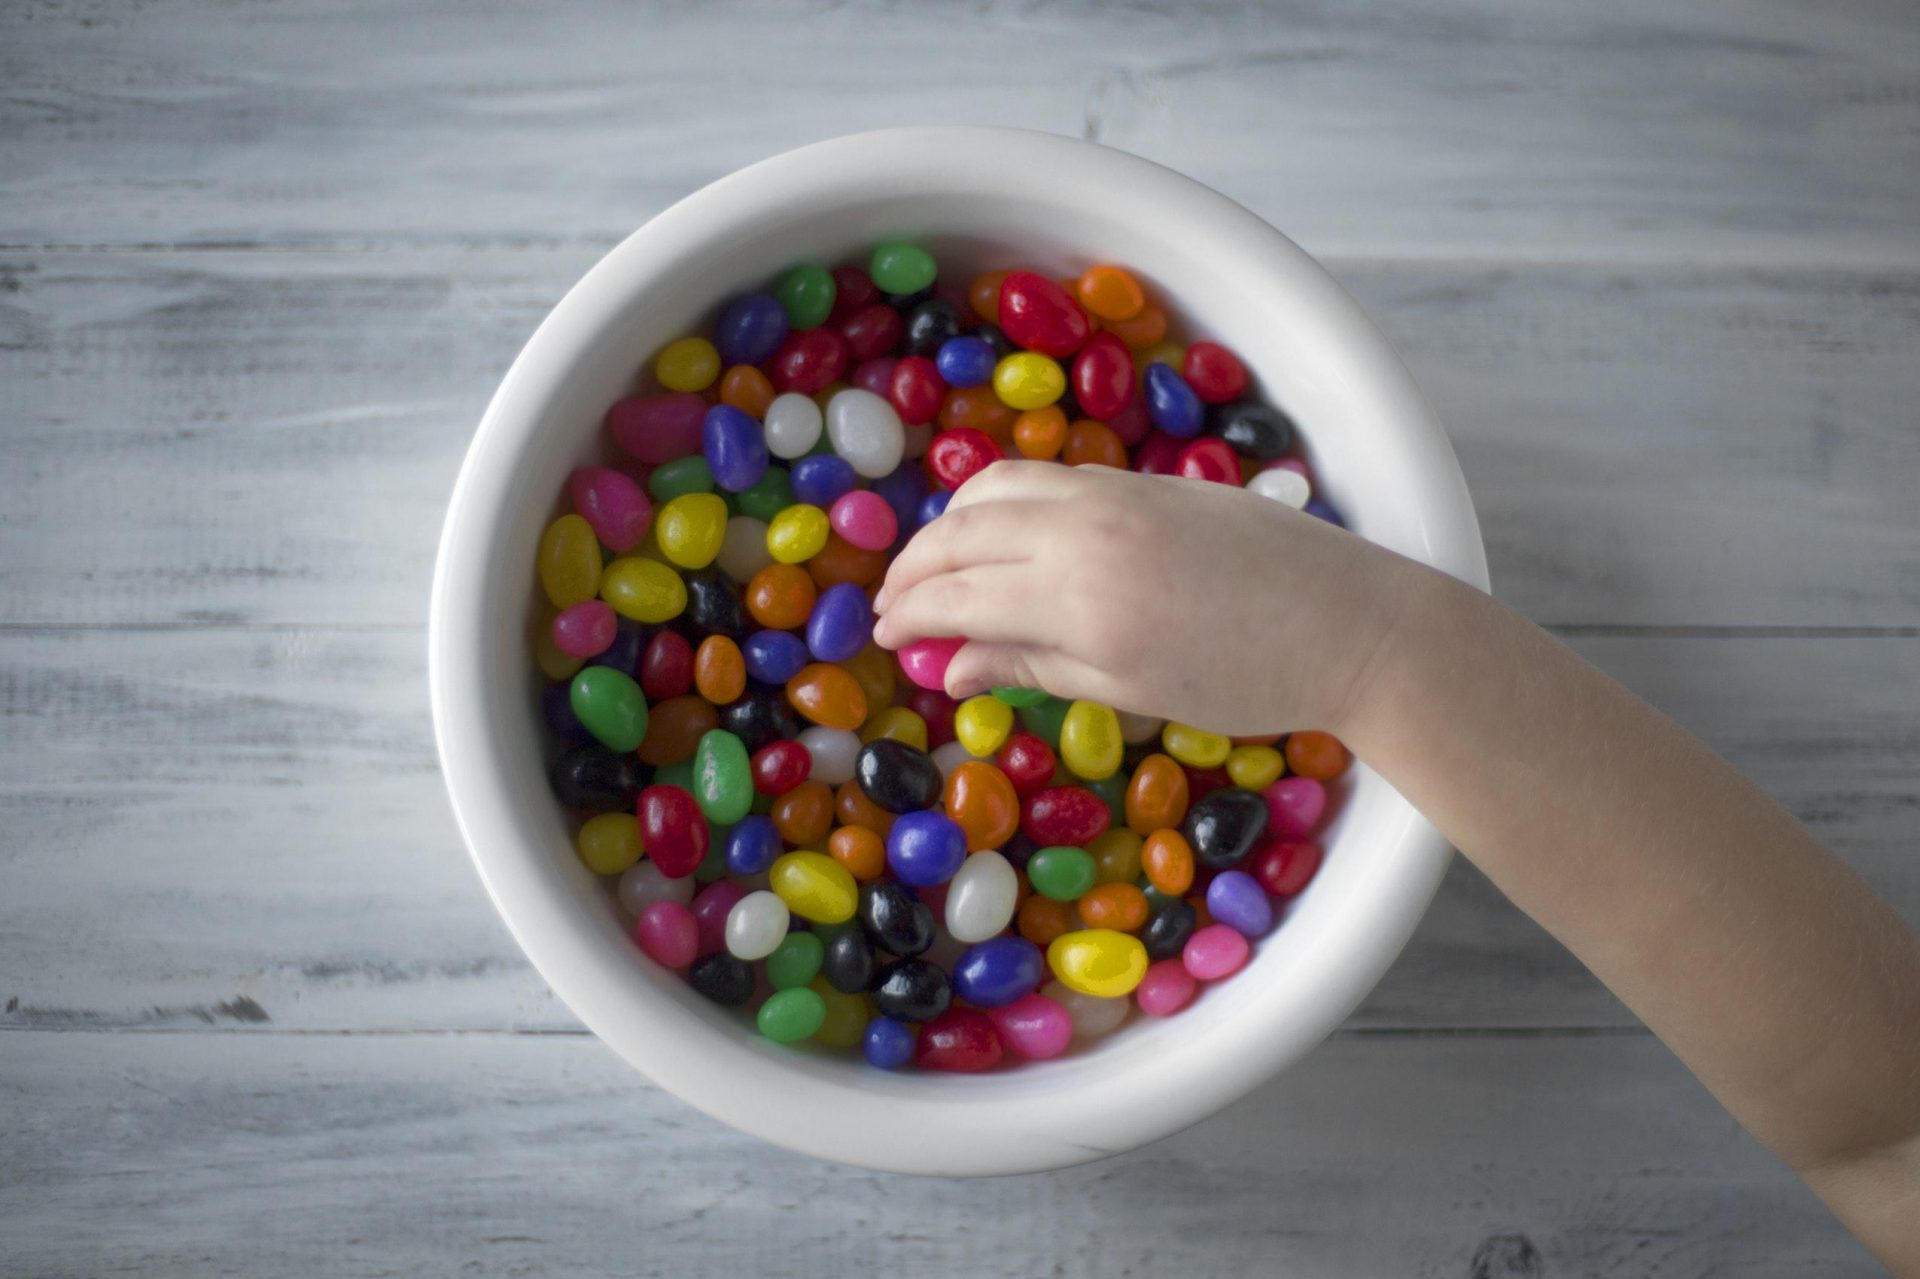 Alimentação e consumismo na infância: uma combinação preocupante